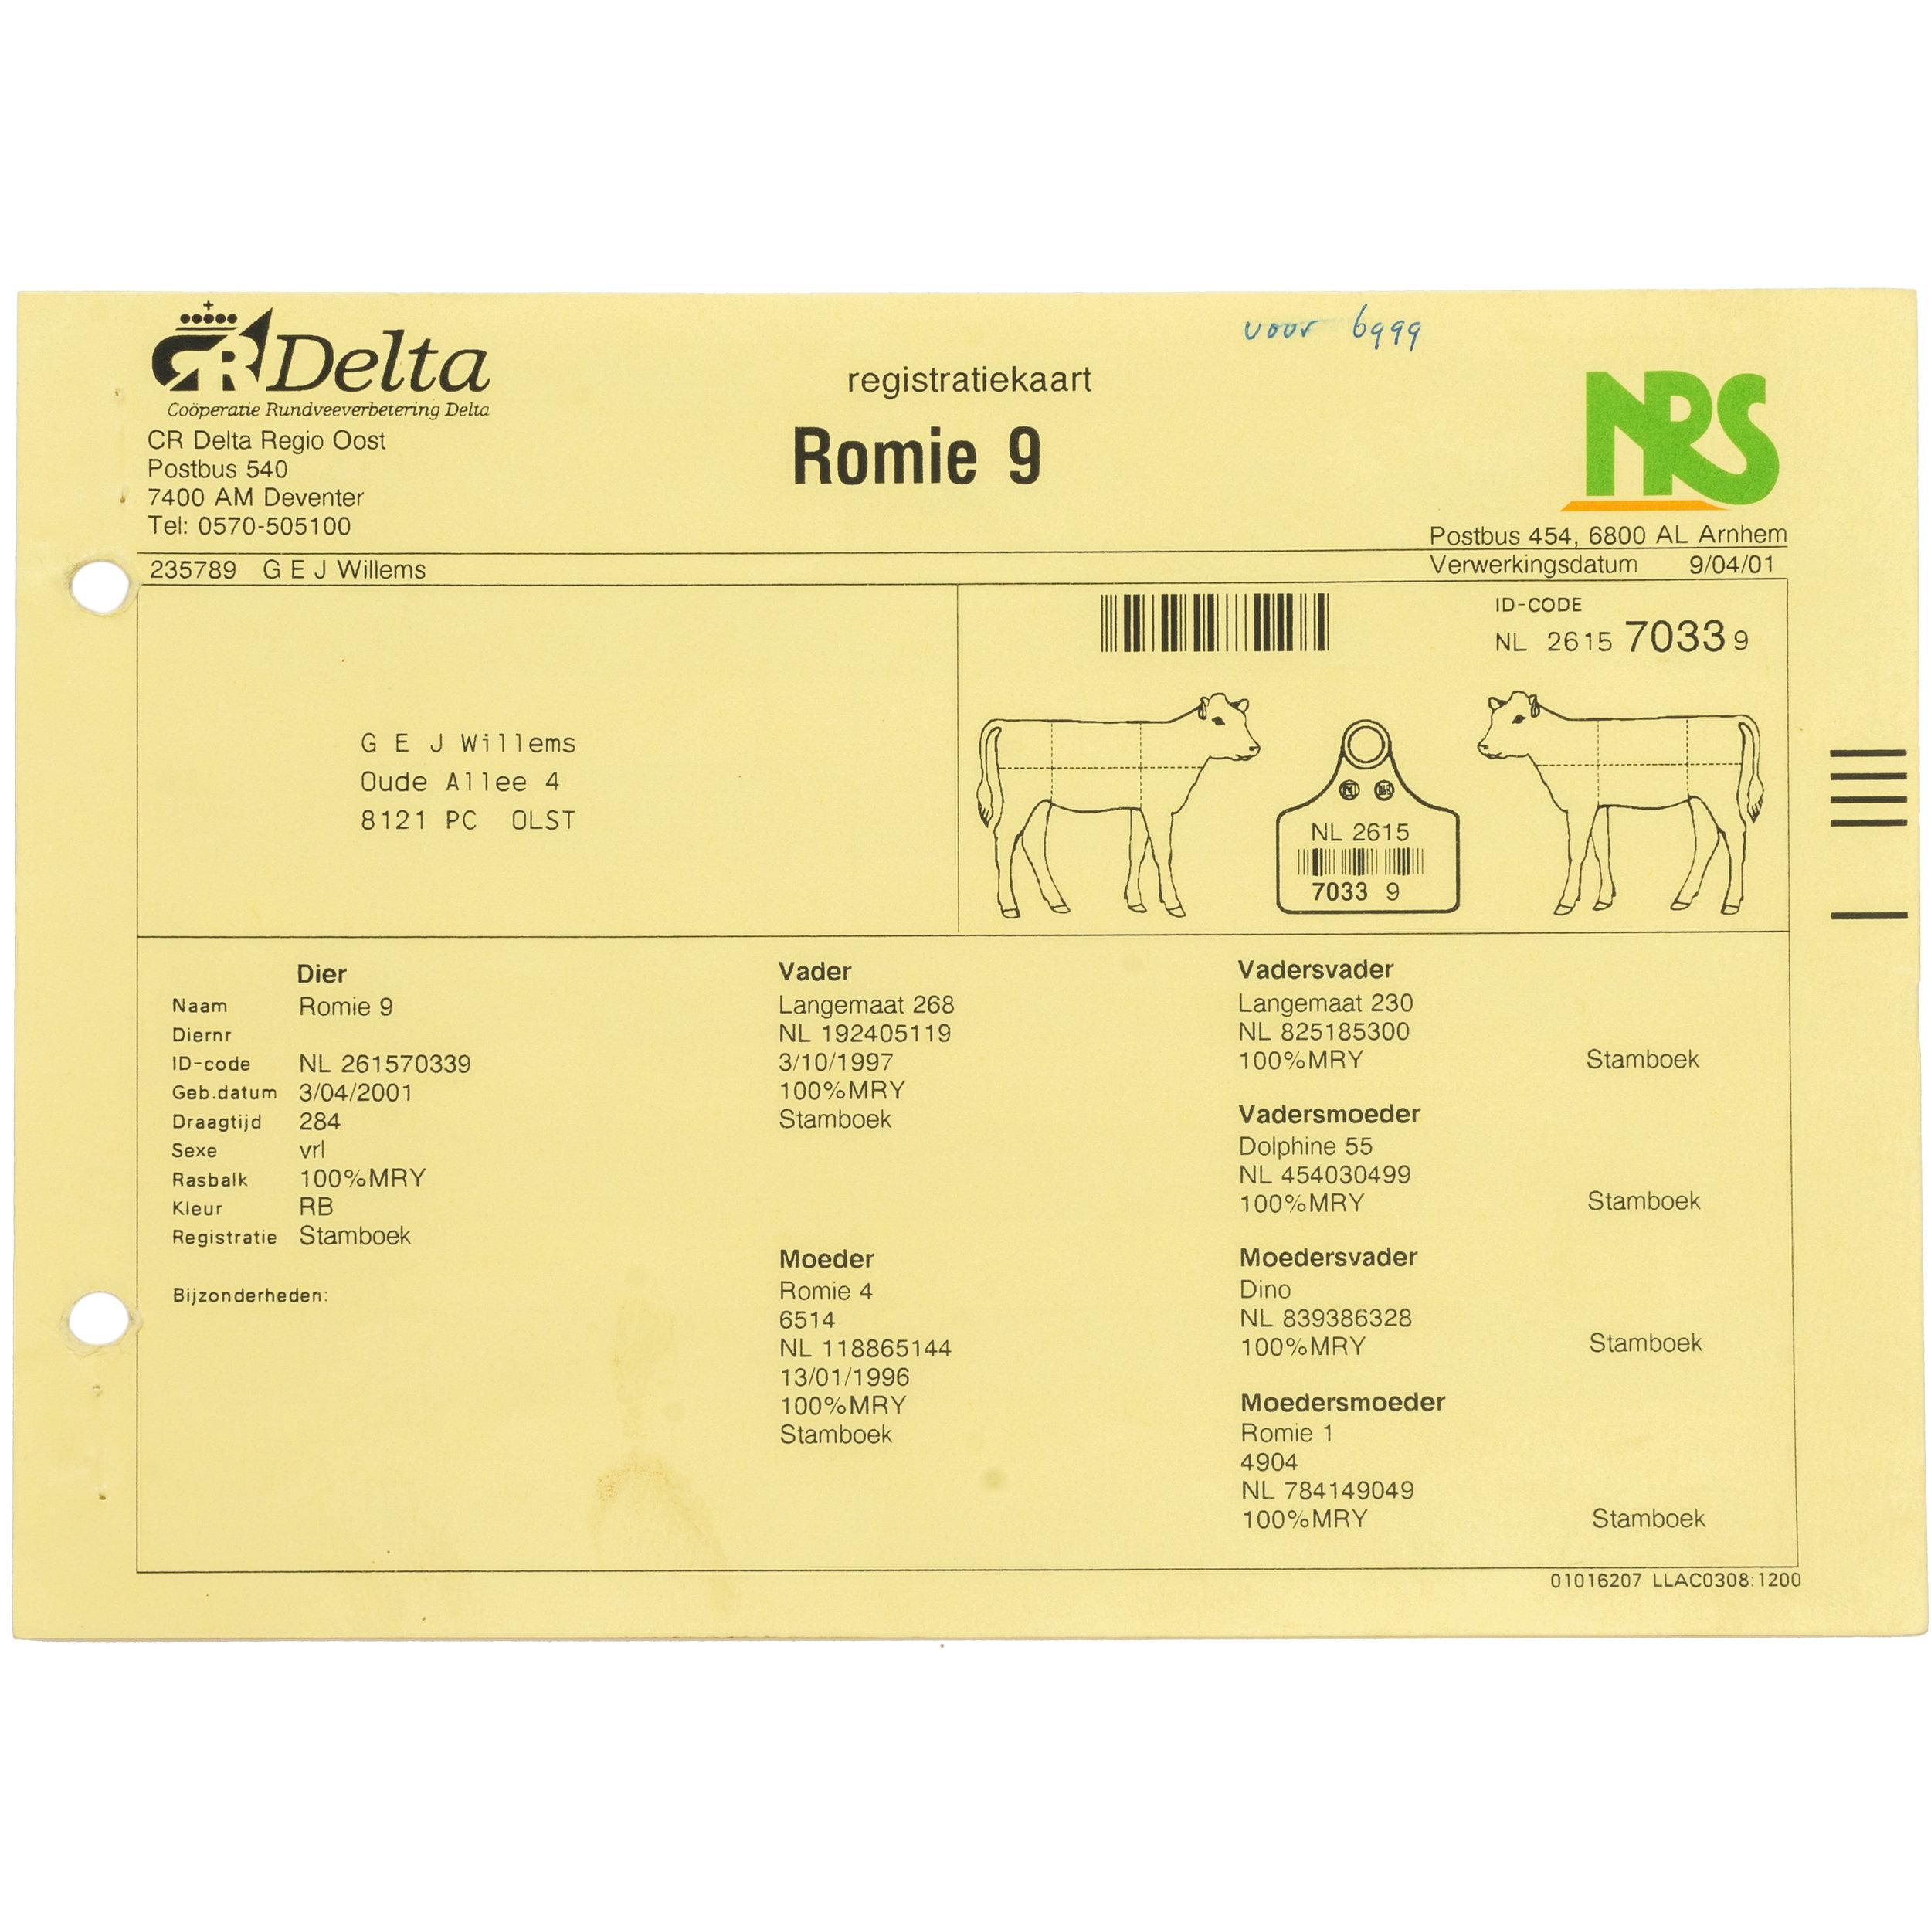 - Identity CardID Card of Romie 18's mother, Romie 9.